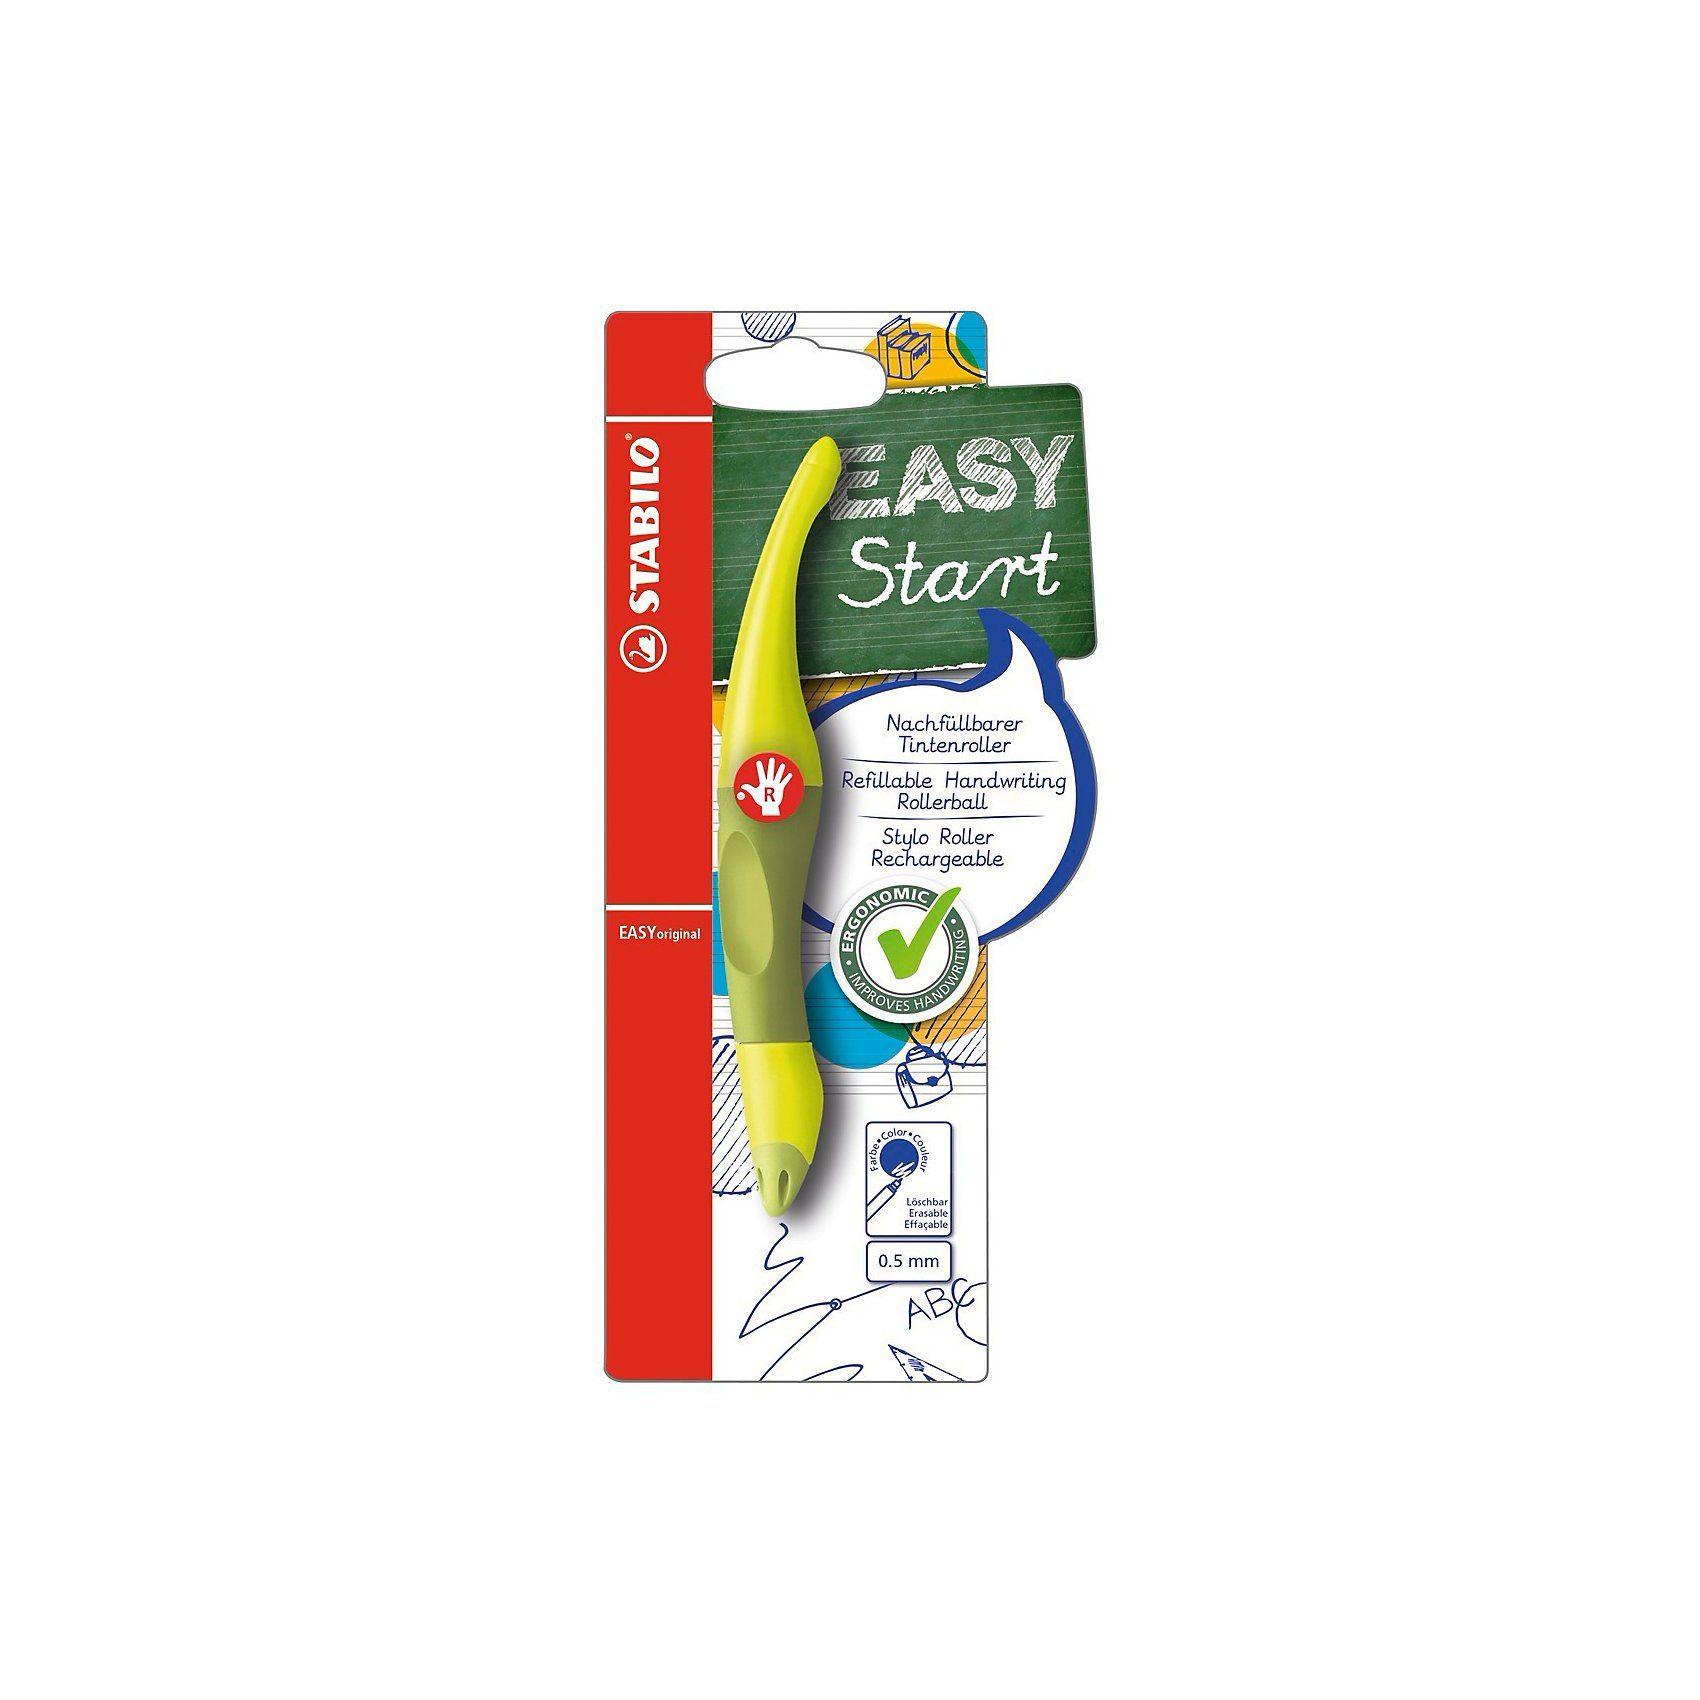 Stabilo Tintenroller EASYoriginal R limone/grün